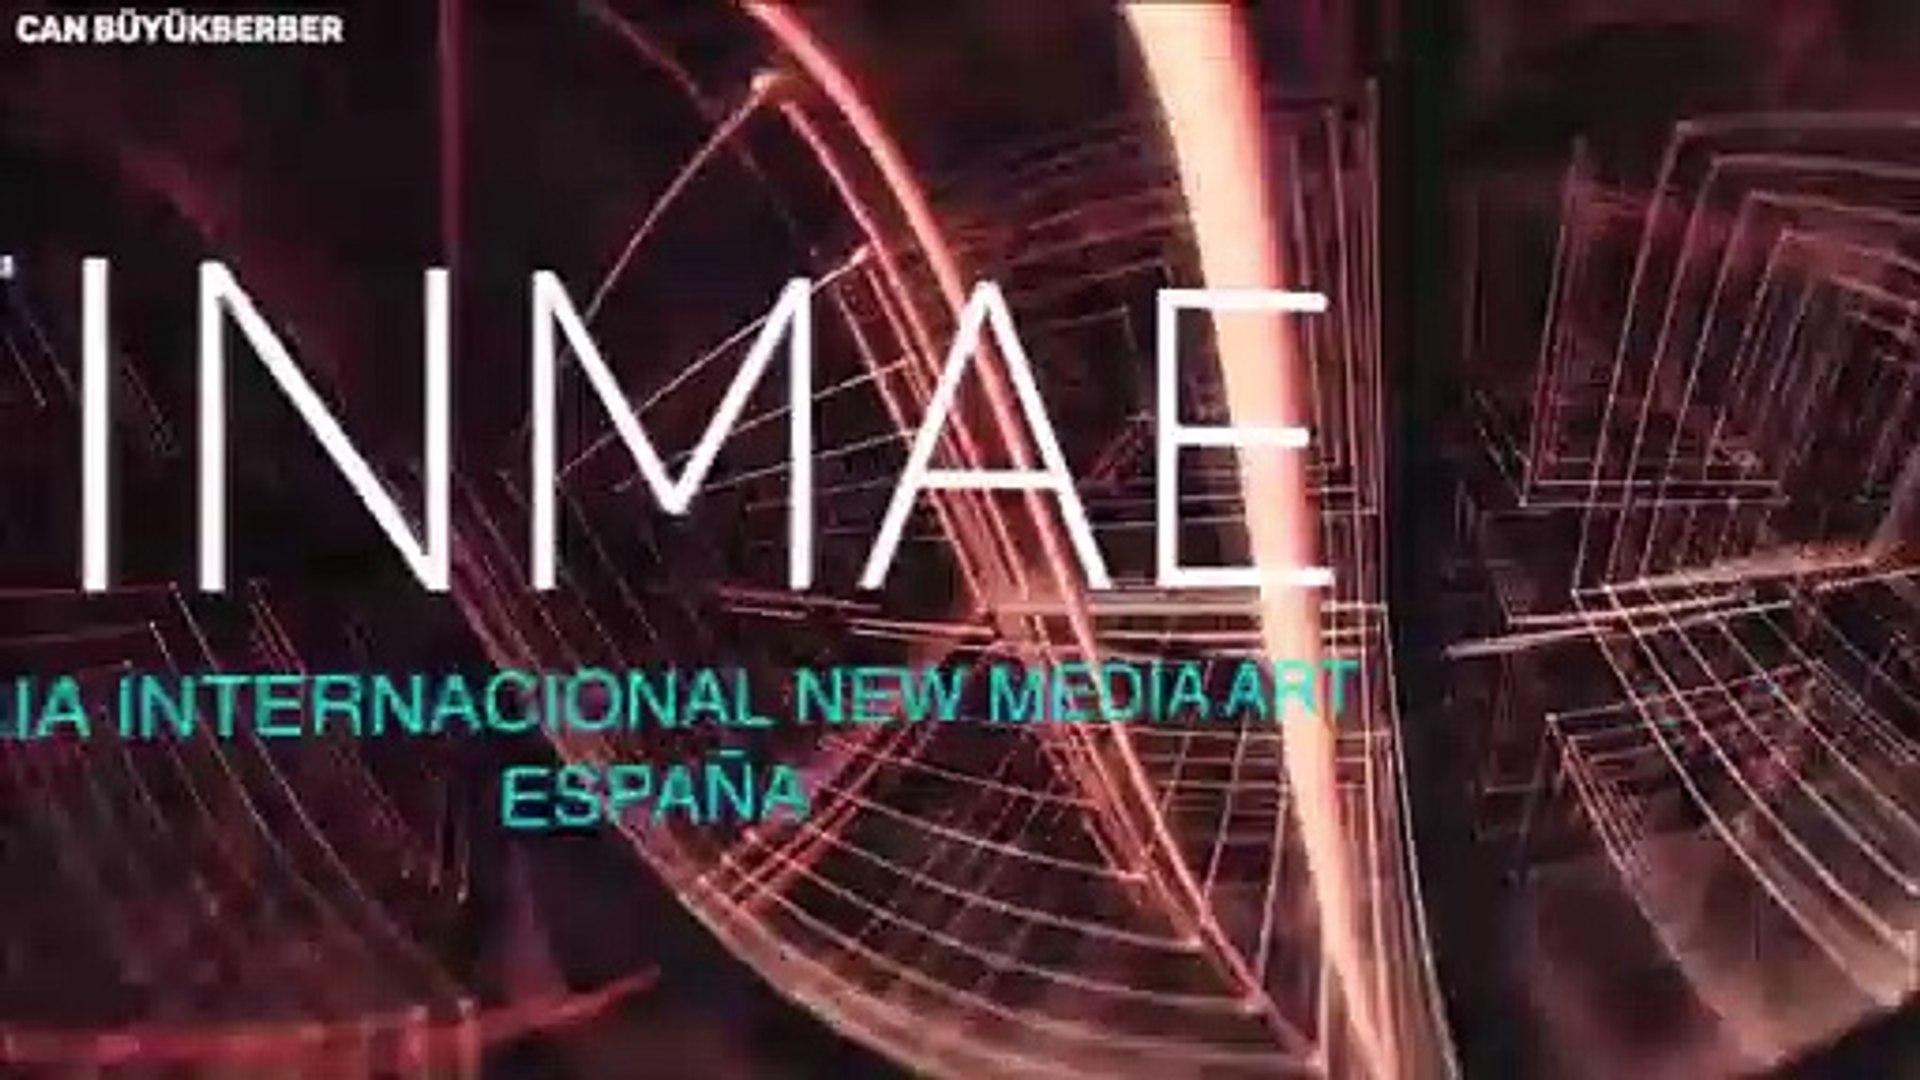 FINMAE 2021